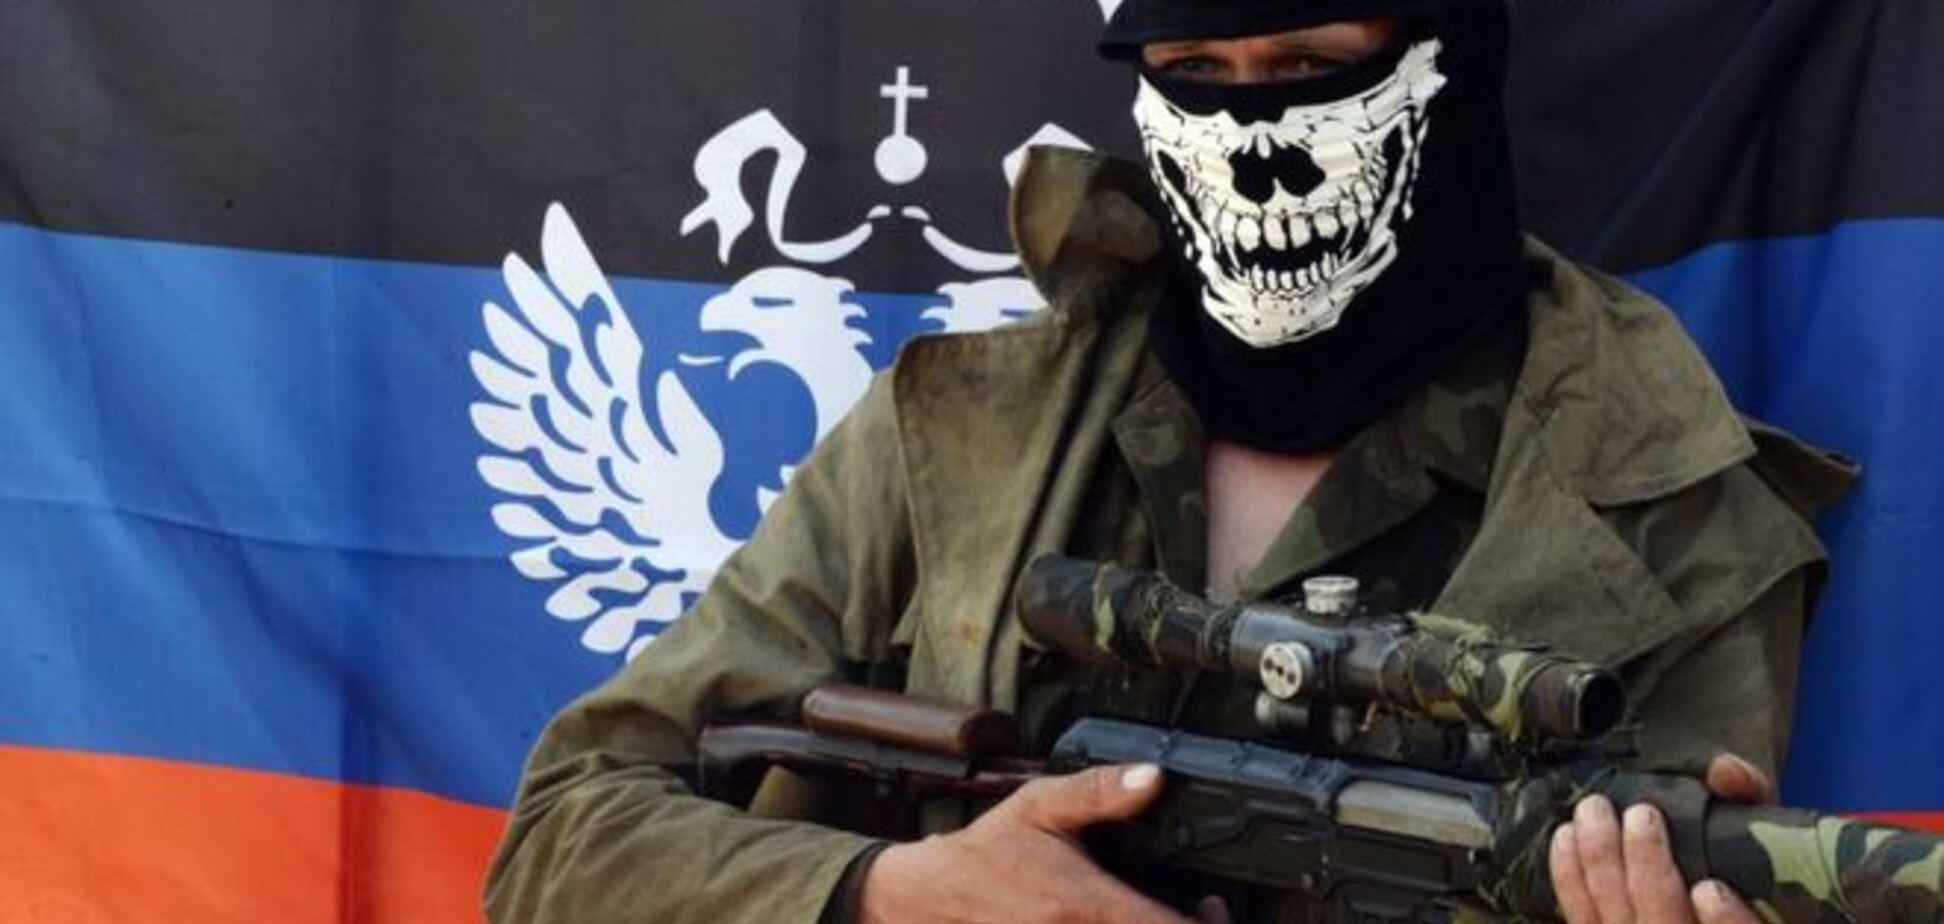 Террористы насильственно национализируют предприятия в Донецкой области